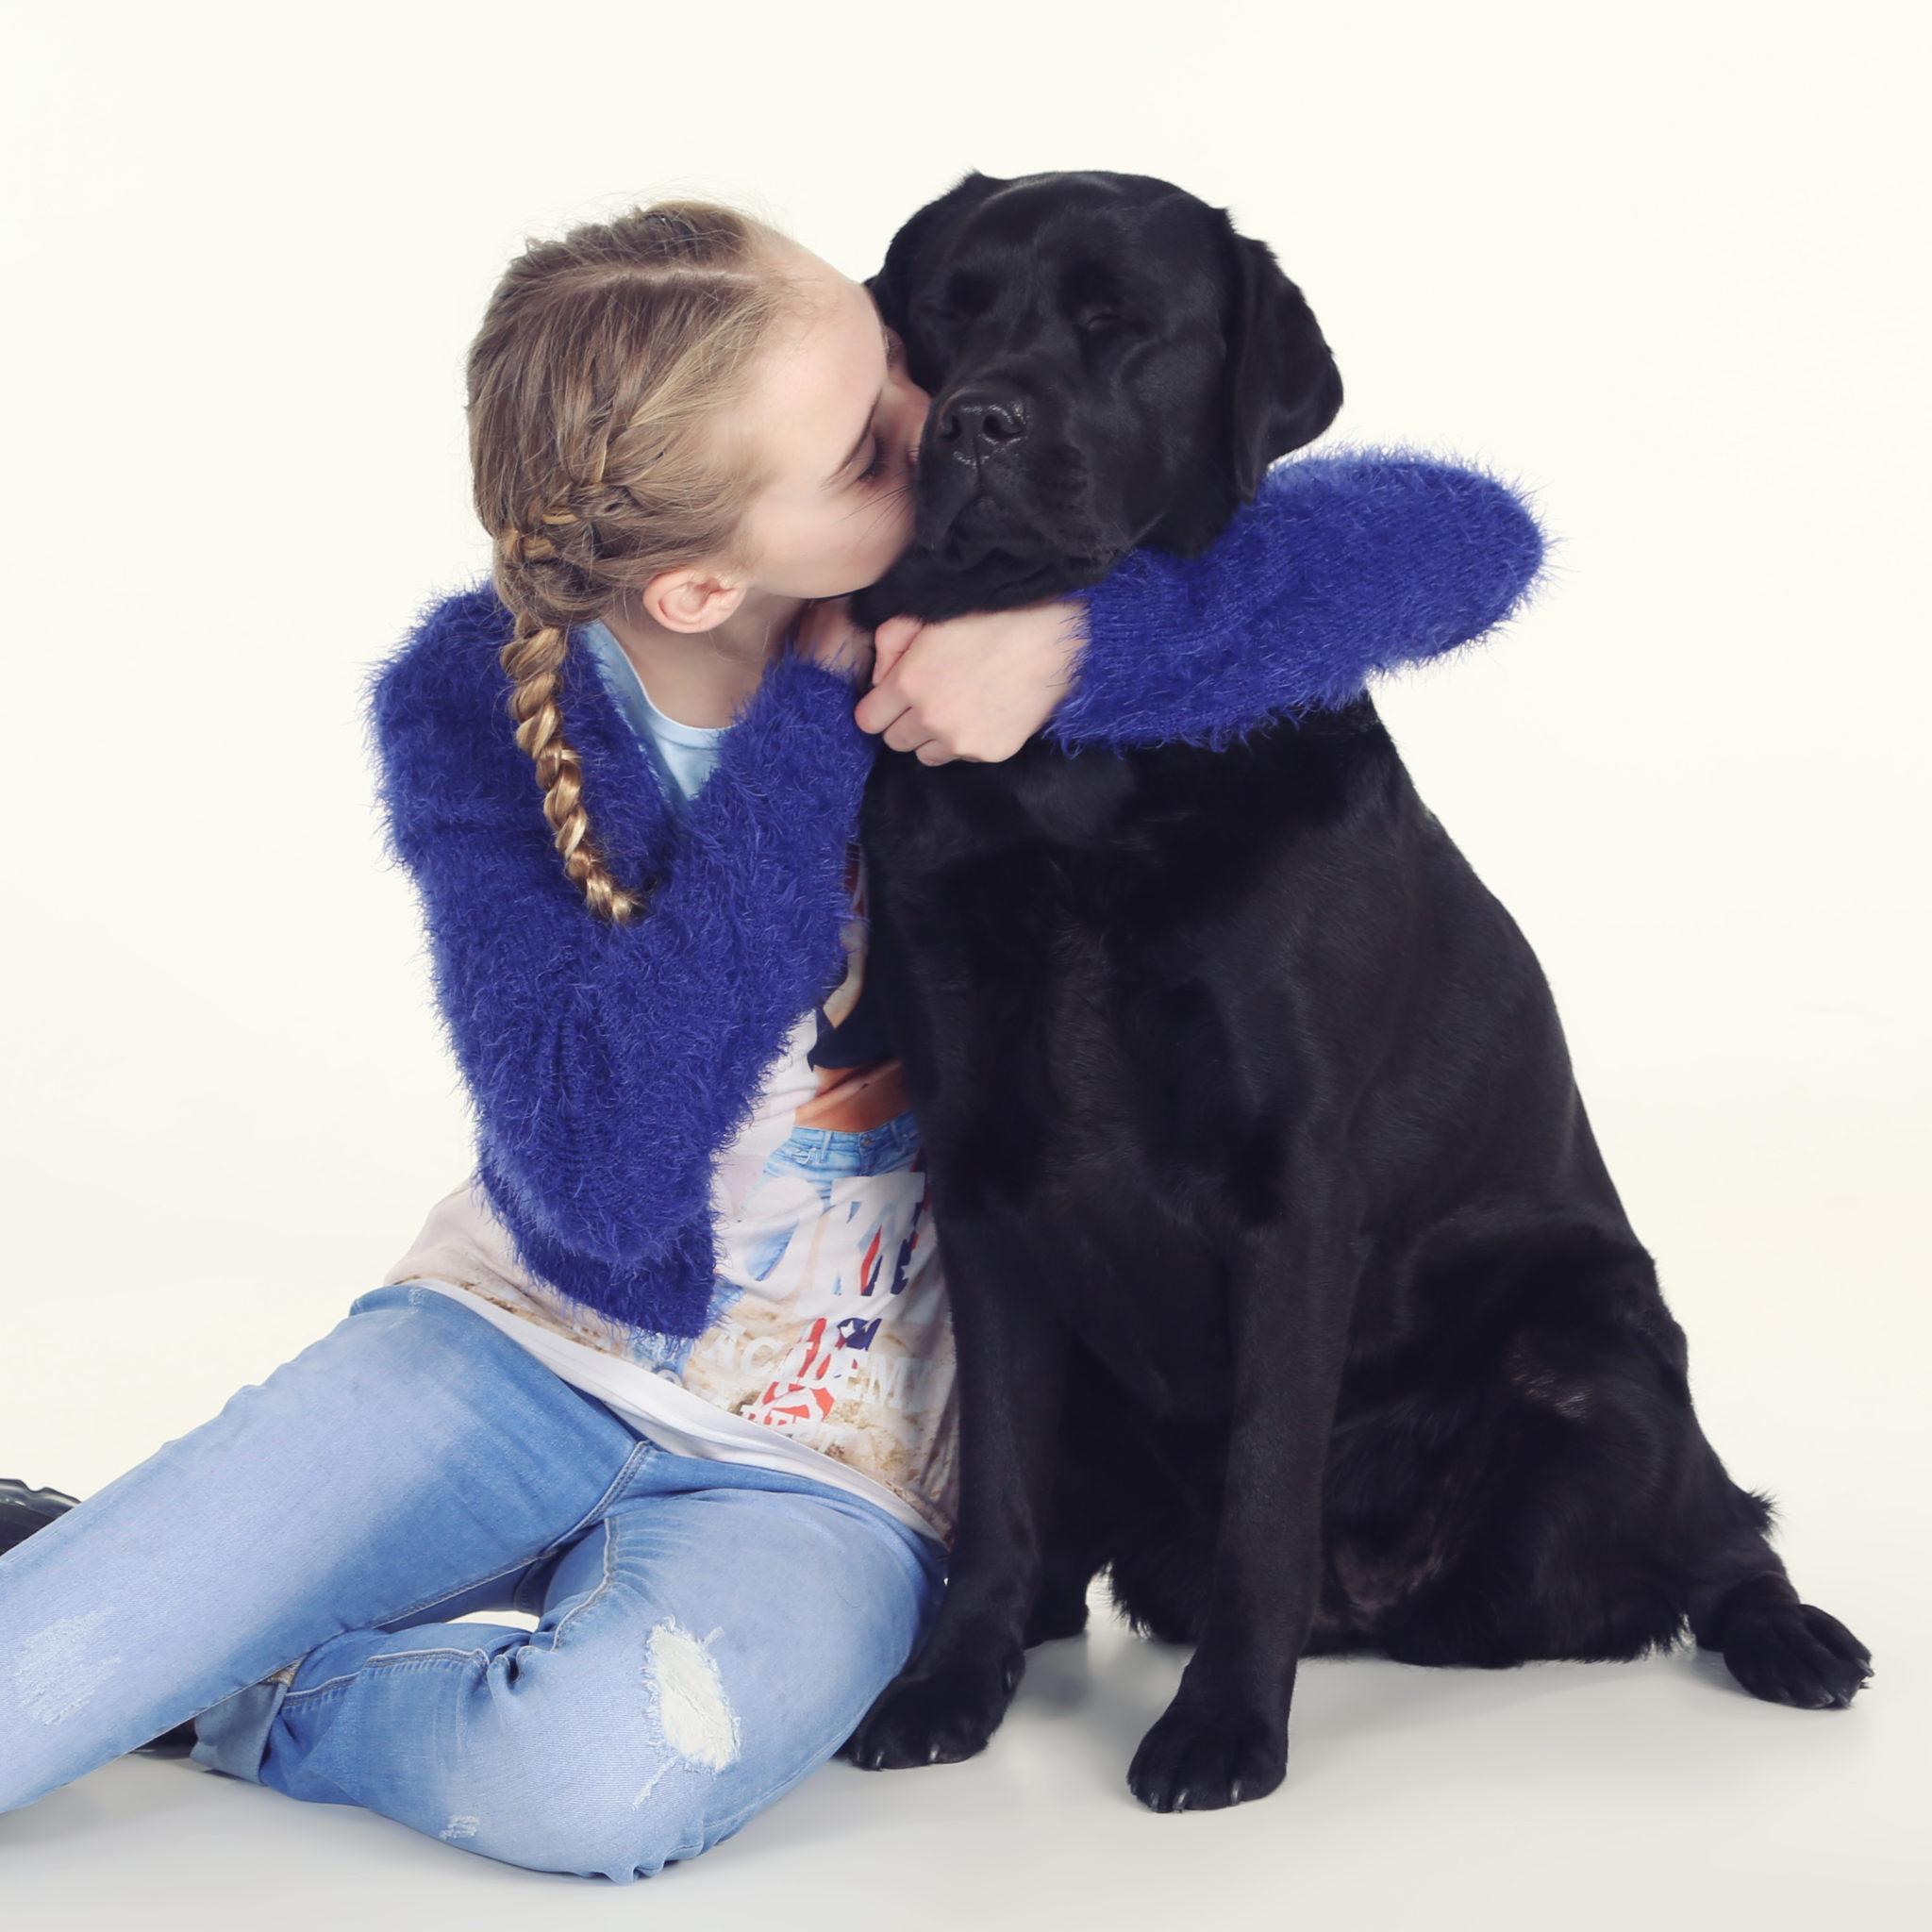 Dierenfotografie - Suus' FotoSjop - Dieren - Foto - Honden - Katten - Konijn - Puppy - Enschede - Hengelo - Oldenzaal